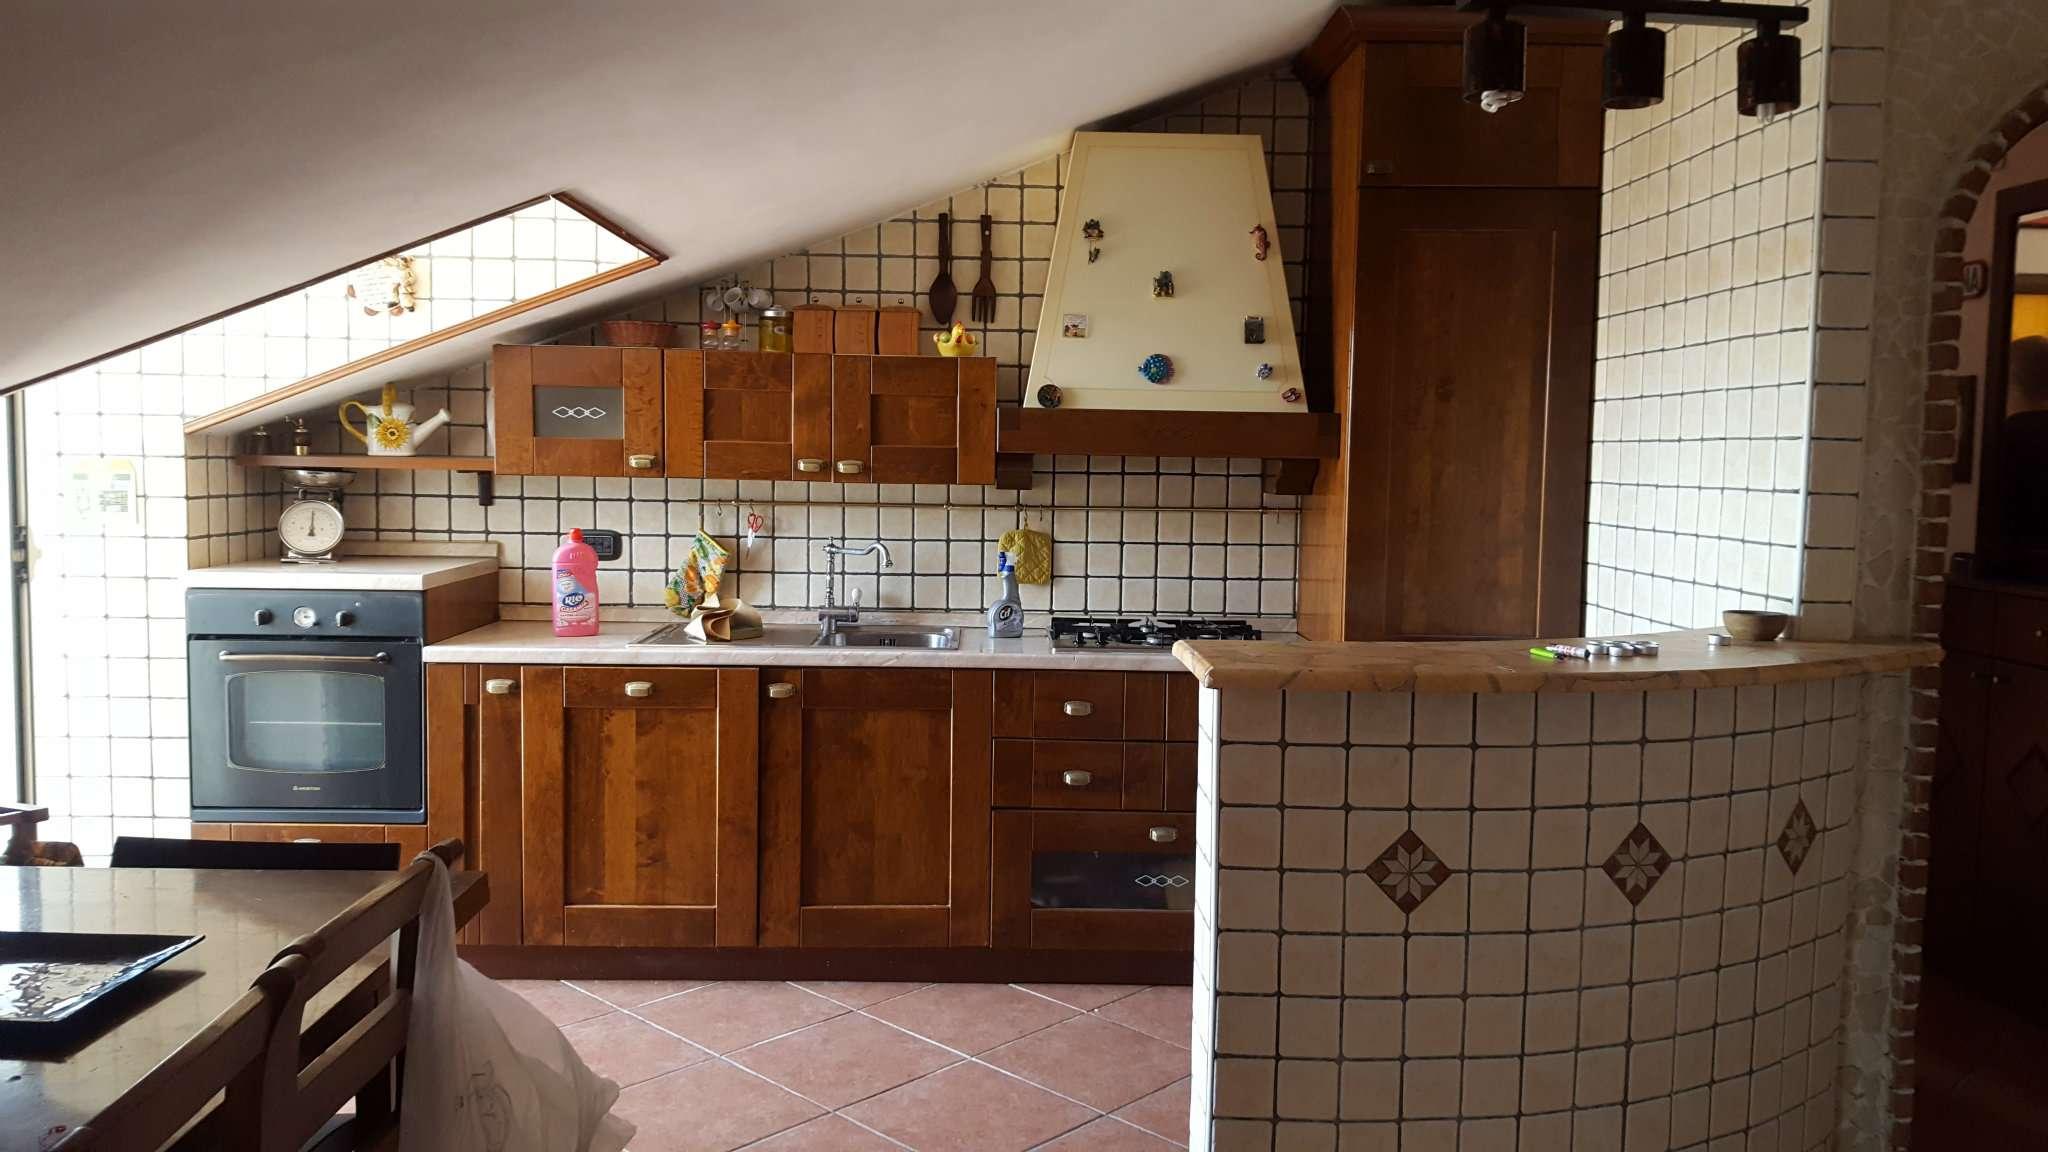 Appartamento in vendita a Giugliano in Campania, 5 locali, prezzo € 135.000 | Cambio Casa.it